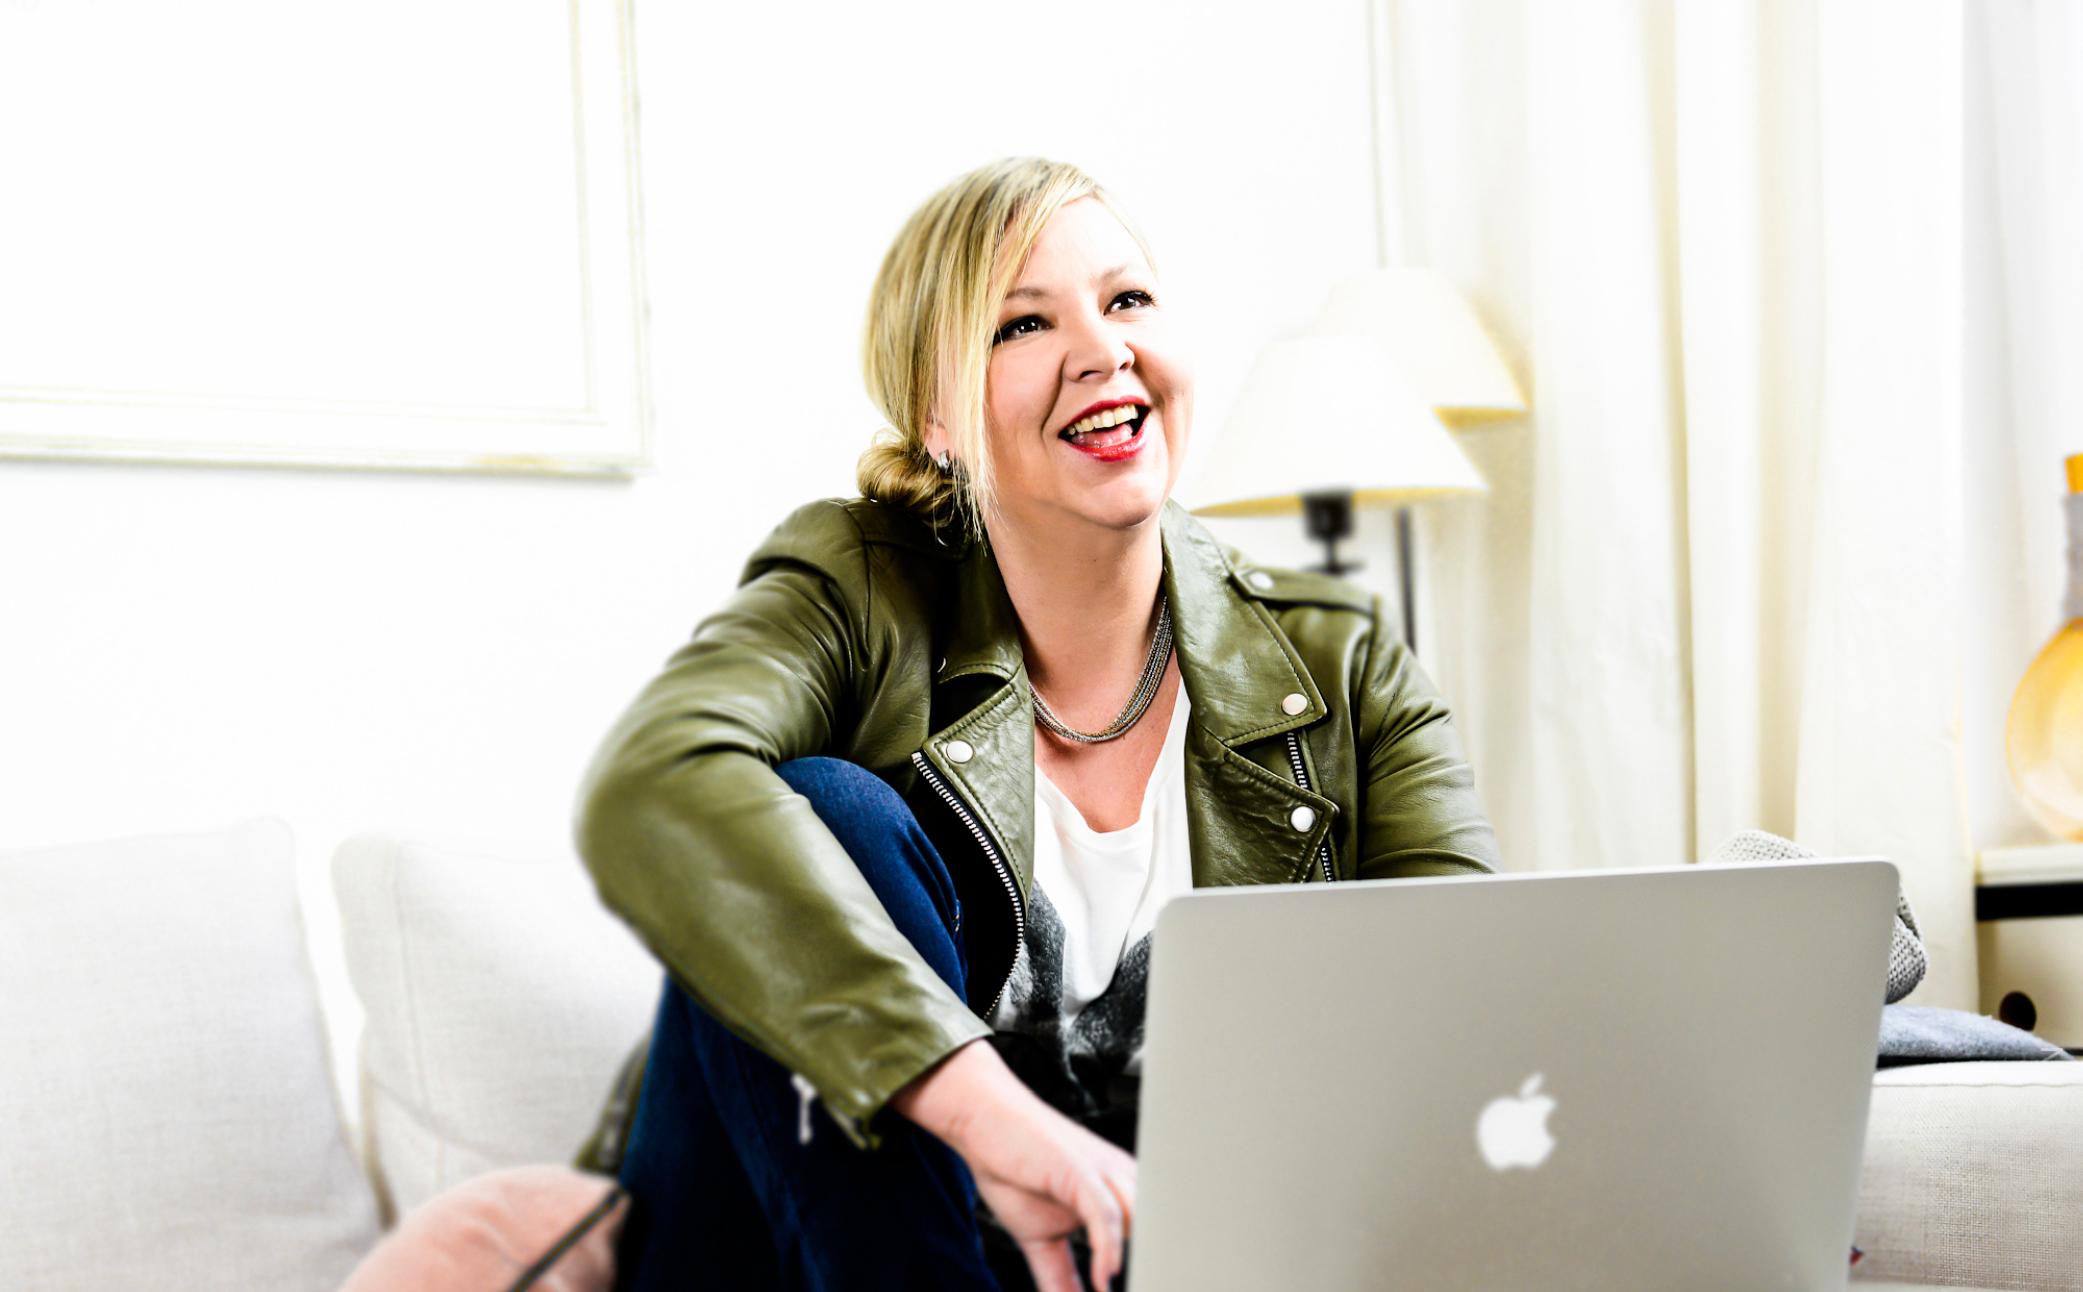 Hier sehen Sie eine Business Frau mit Ihrem Laptop - Business Portraits - Business Branding Fotografie Berlin